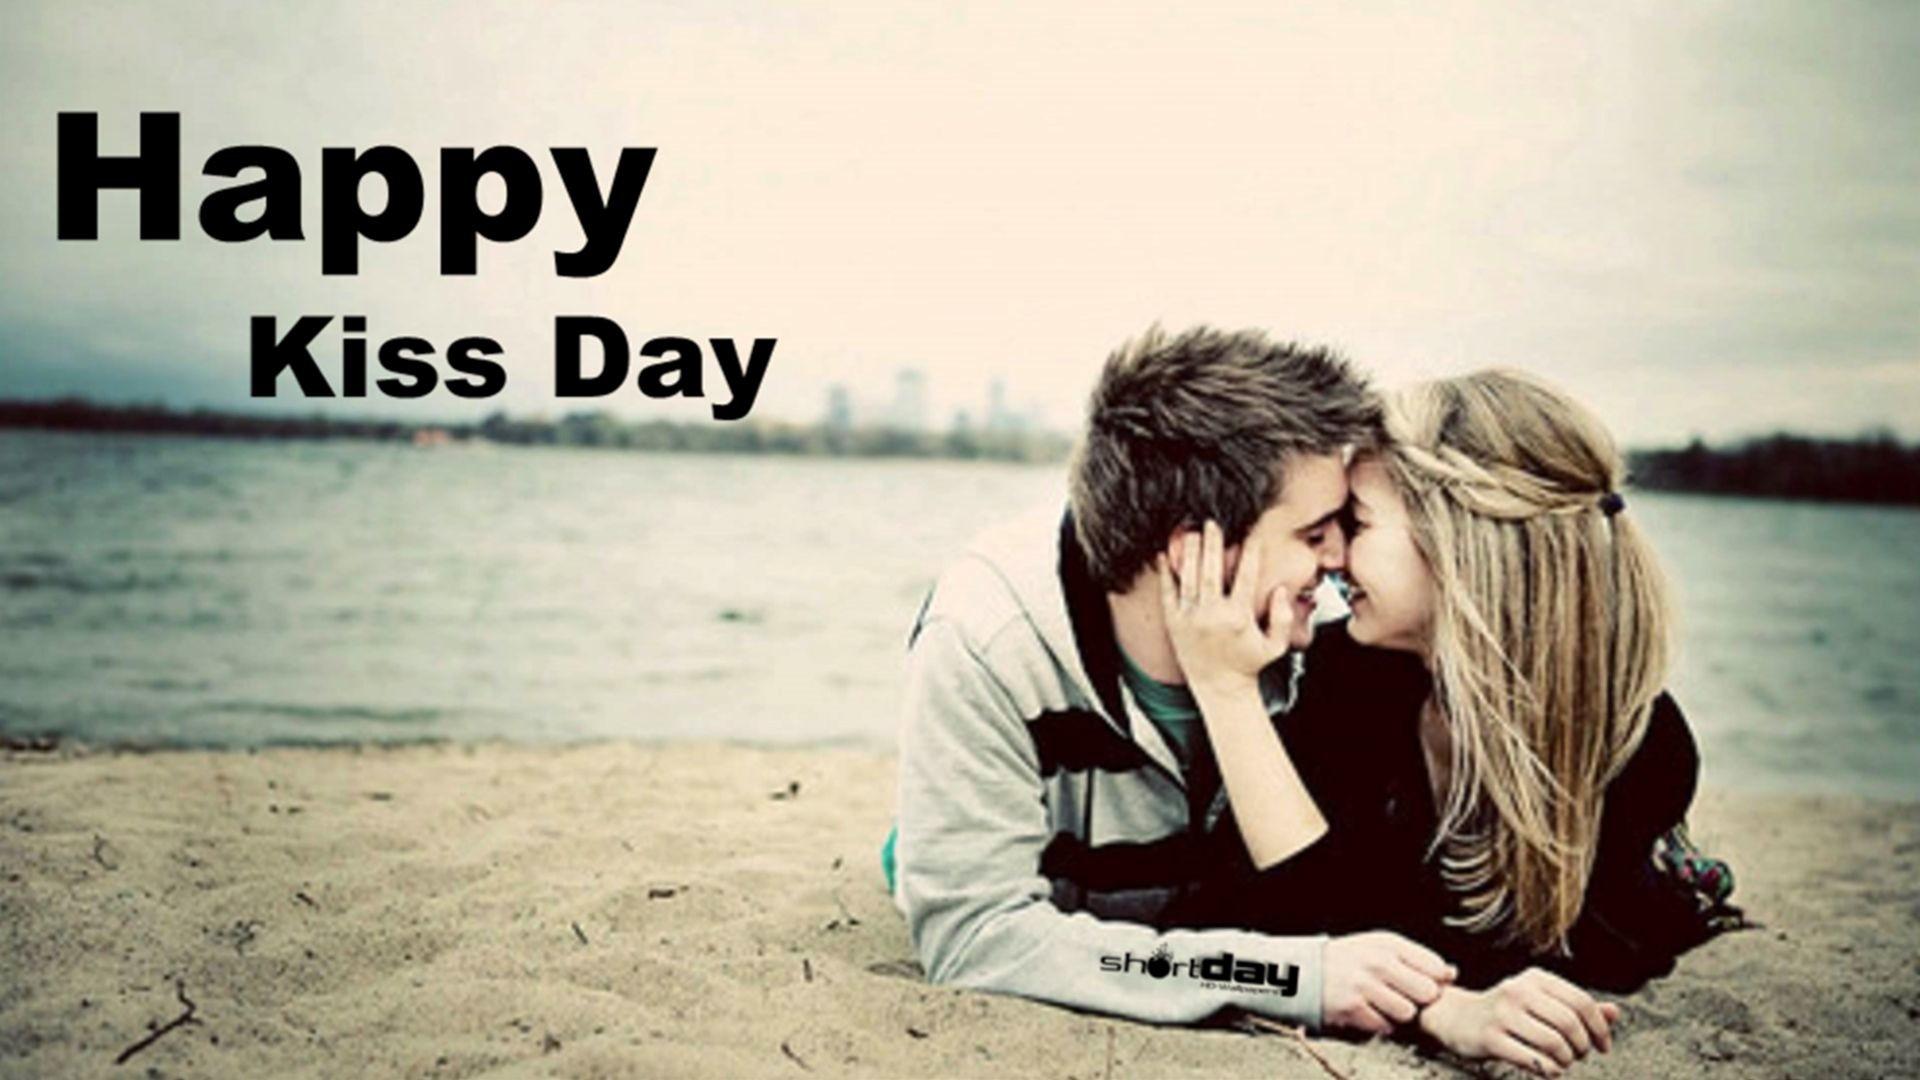 Love romantic couple hug and kiss sayings, wallpapers 1920×1080 Kissing  Image Wallpapers (